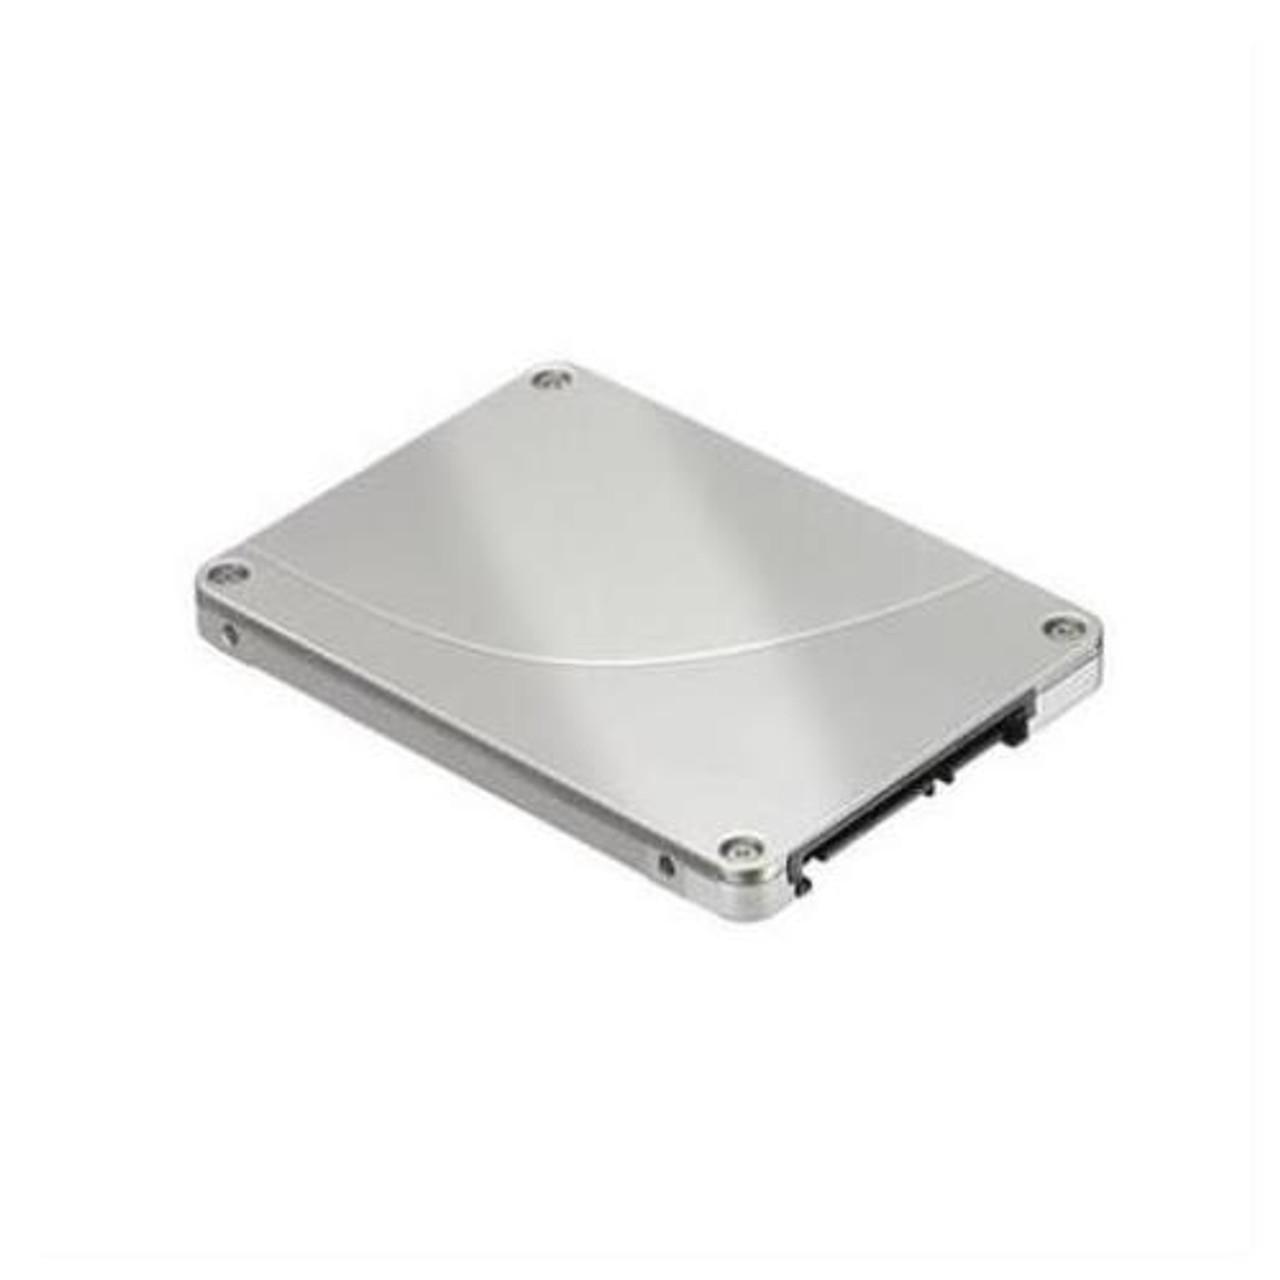 SSDSC2BB012T7 INTEL SSD DC S3520 1.2TB 6GBPS SATA 2.5/'/' MLC SOLID STATE DRIVE